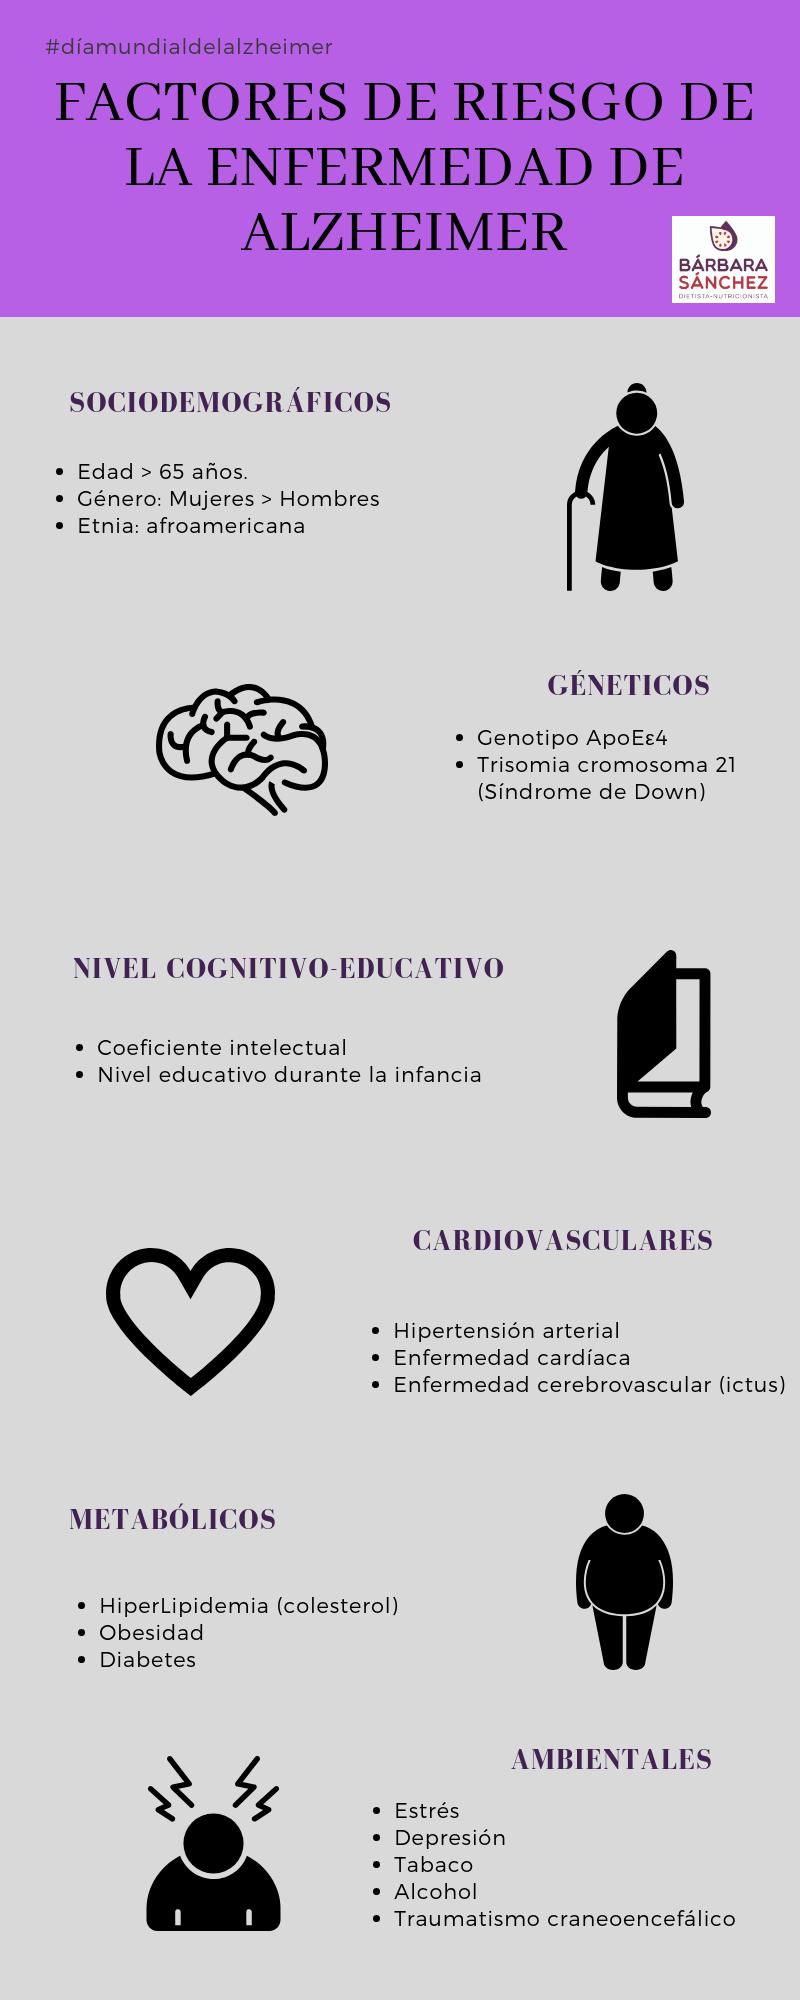 Factores de riesgo de la Enfermedad de Alzheimer